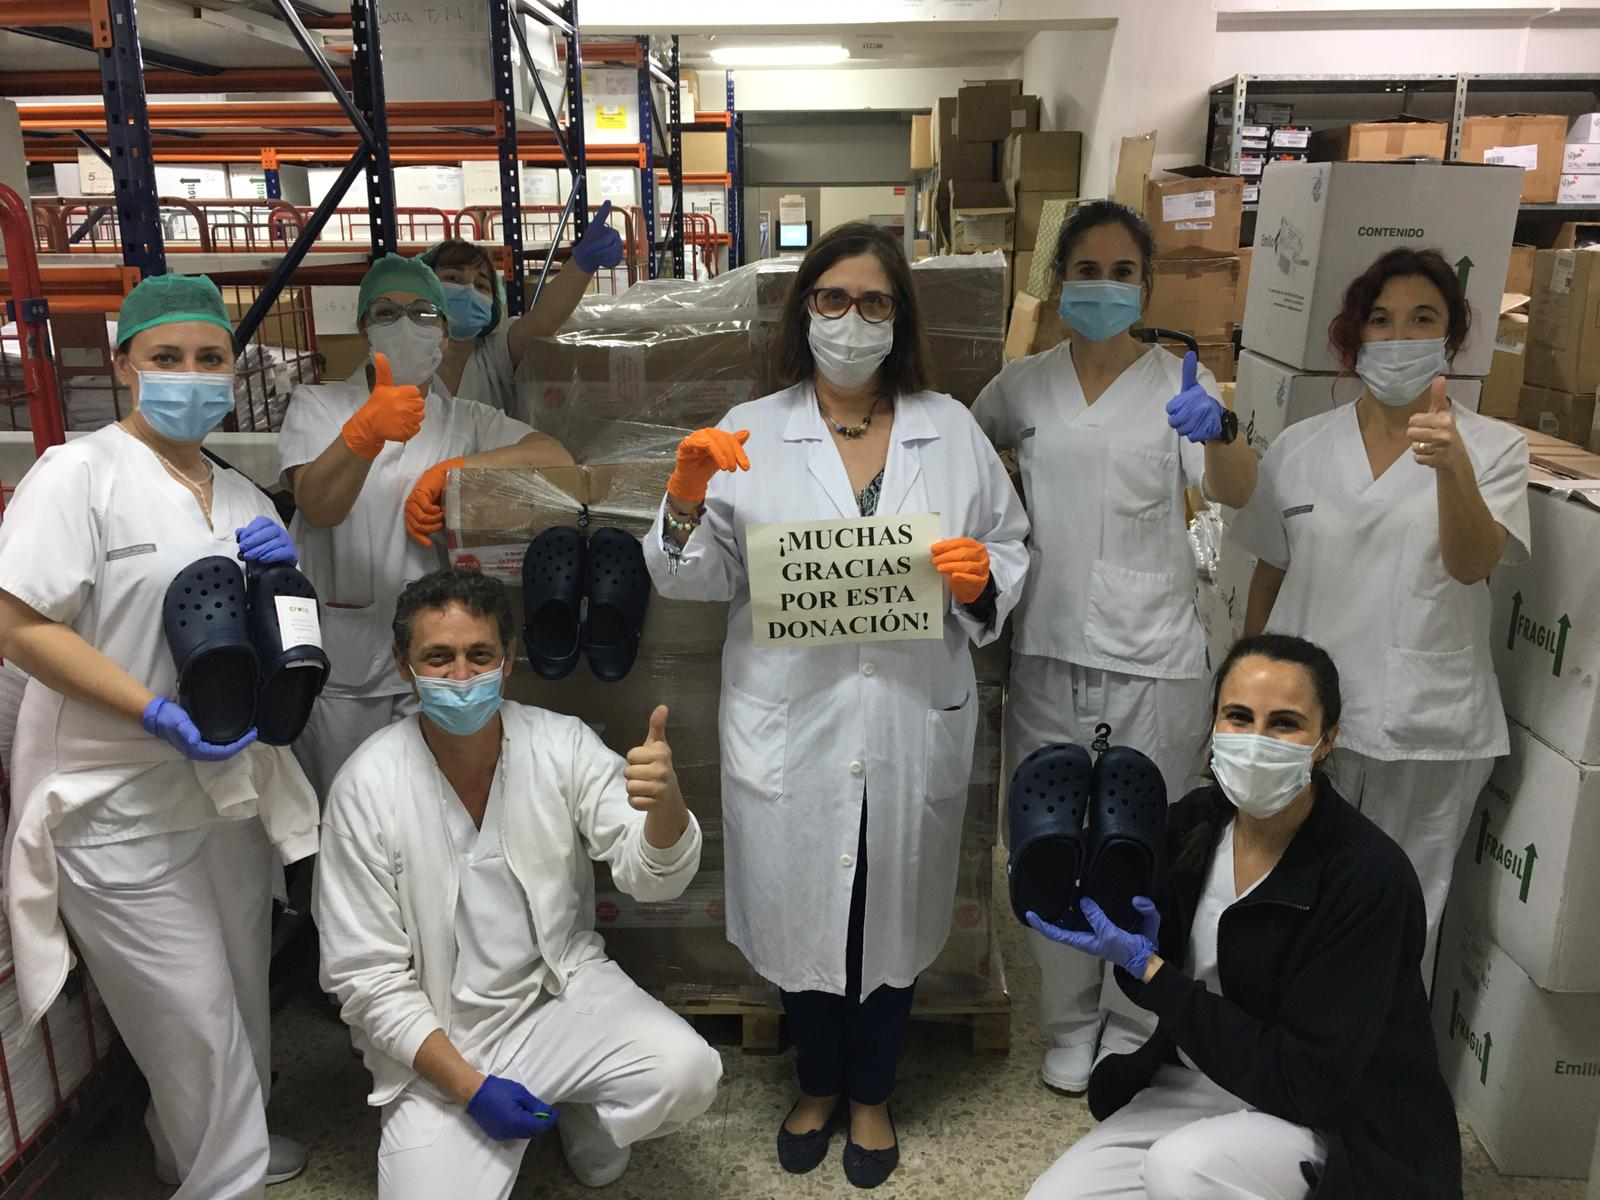 Crocs dona zapatos al personal sanitario español como parte de su iniciativa solidaria global